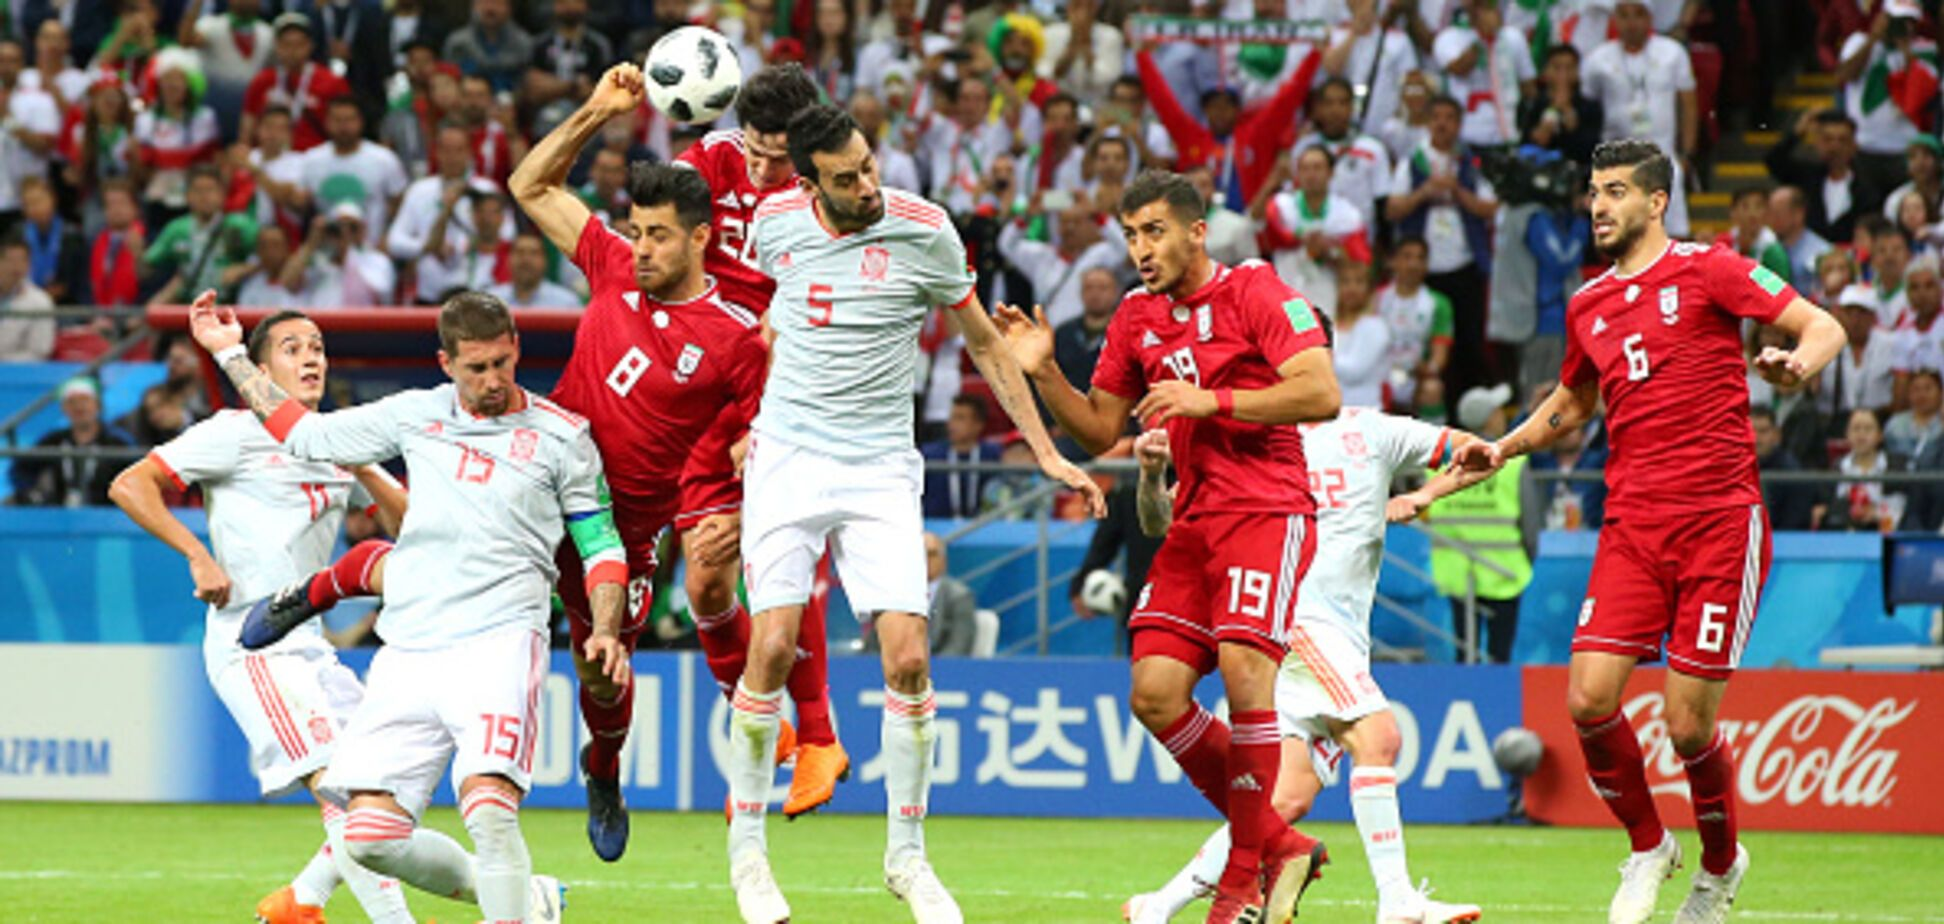 Іран - Іспанія: огляд матчу ЧС-2018